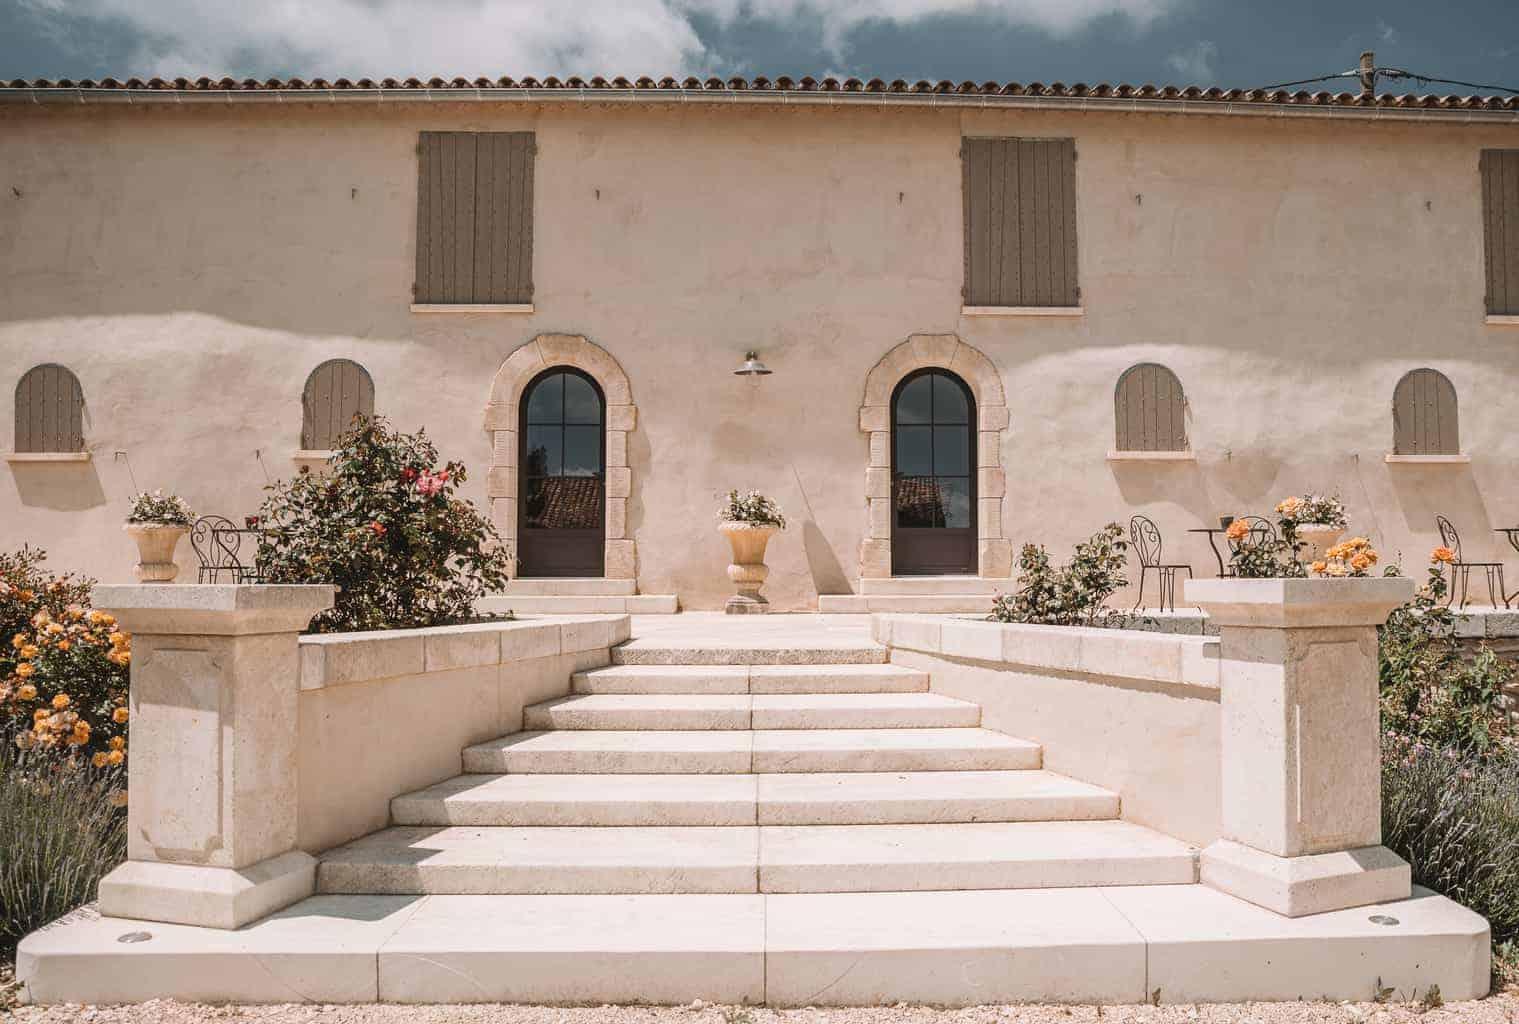 Chateau du Bois luxury lavender tour